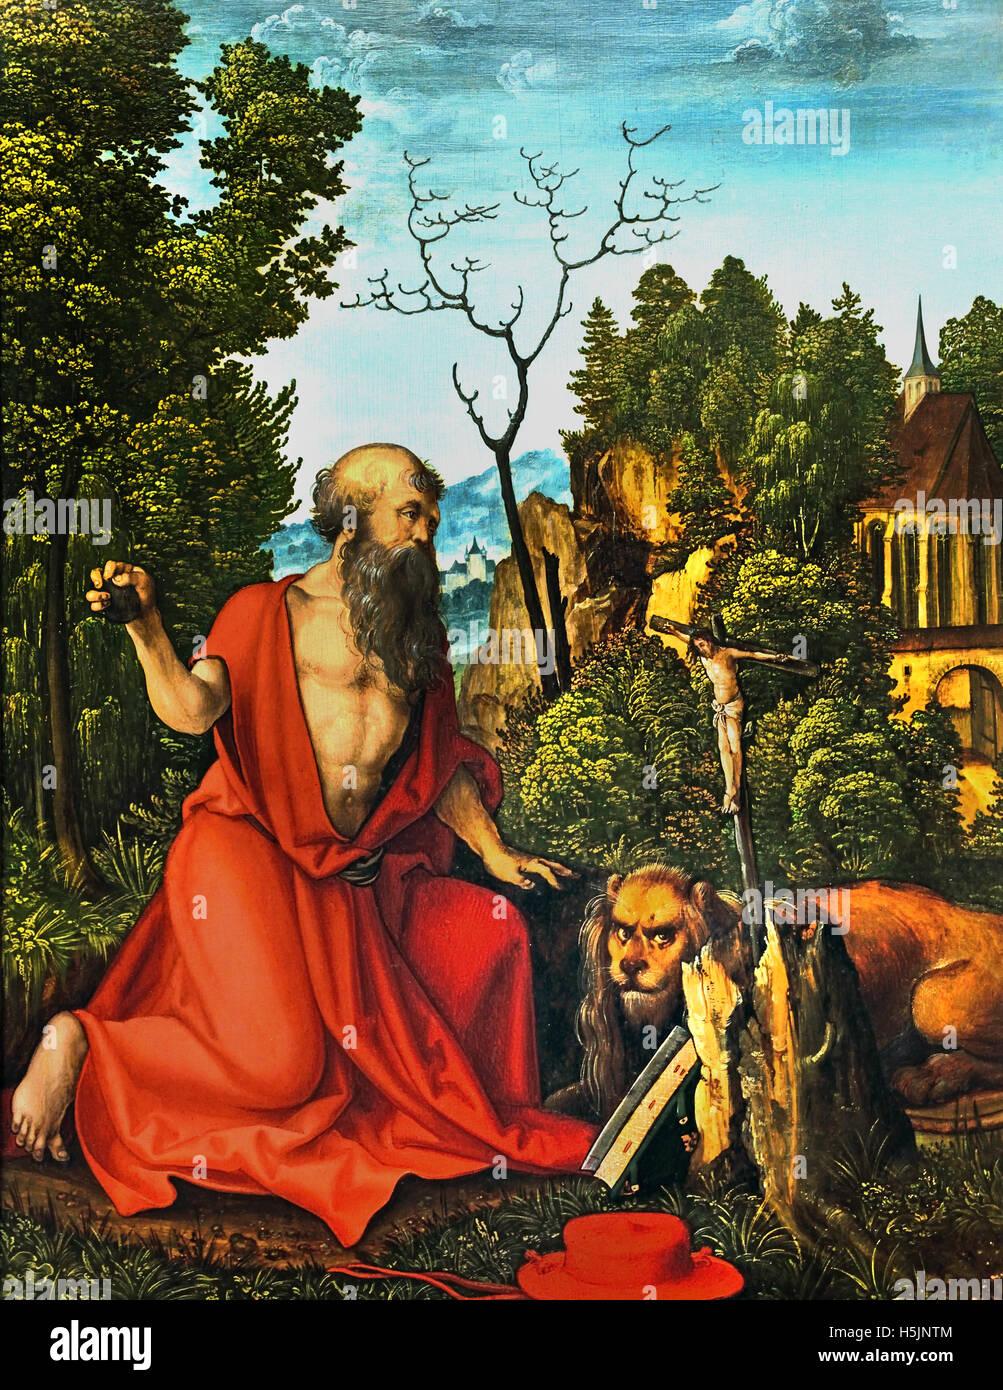 Der Heilige Hieronymus - Le Saint Jérôme 1504 Schäuflein 1480-1540 Allemagne allemand Hans Photo Stock